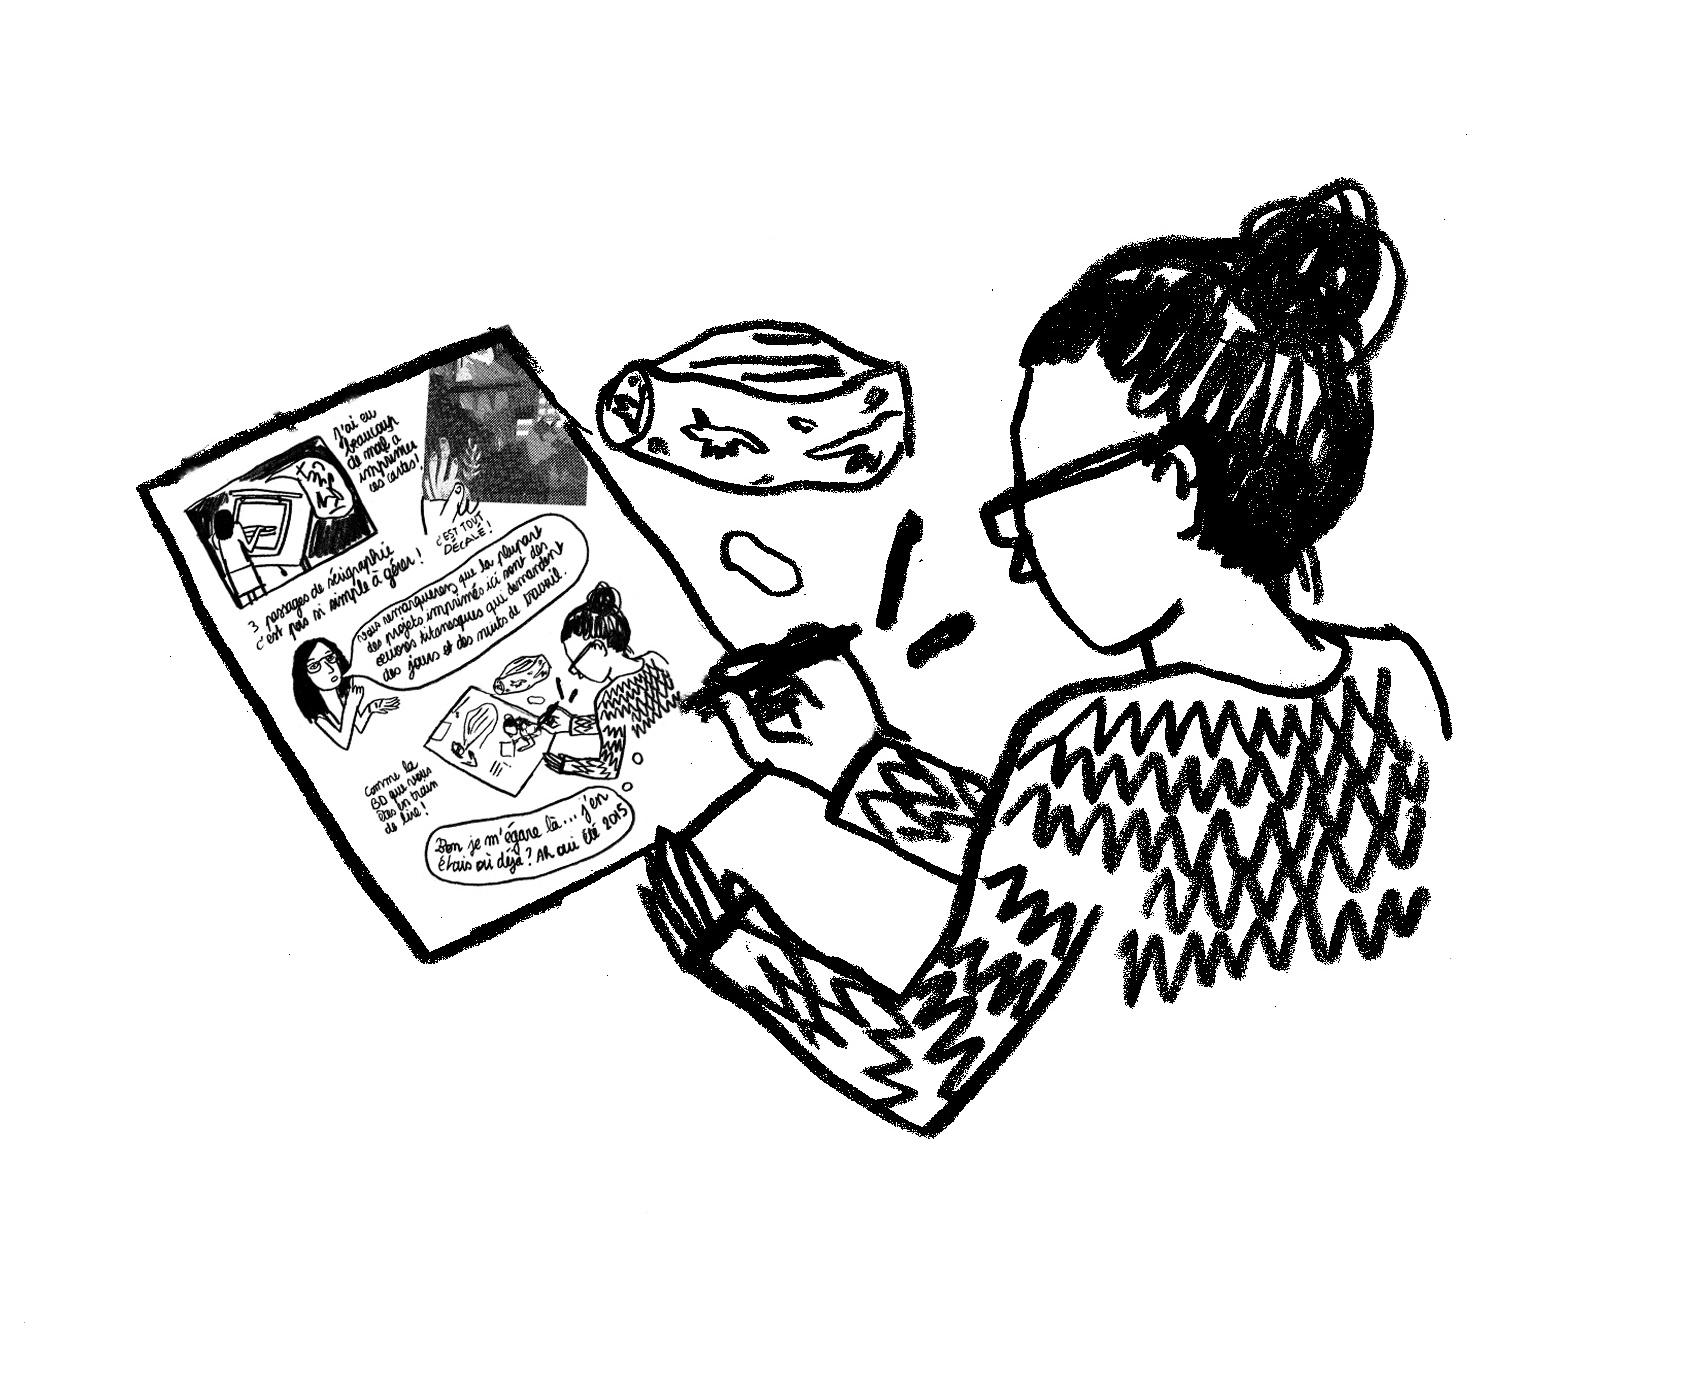 Les Diplômés : Mathilde Poncet, illustratrice indépendante